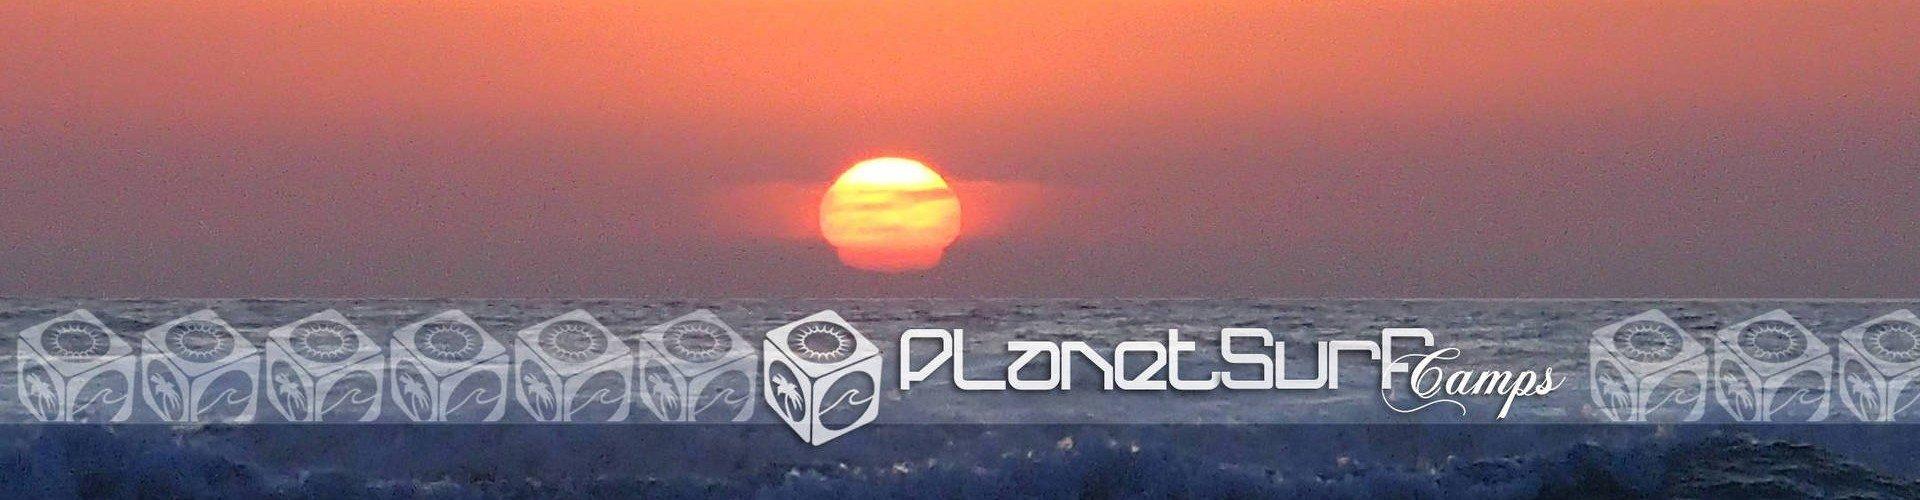 Erstaunlich Ozean Sonnenuntergang vom Surfspot